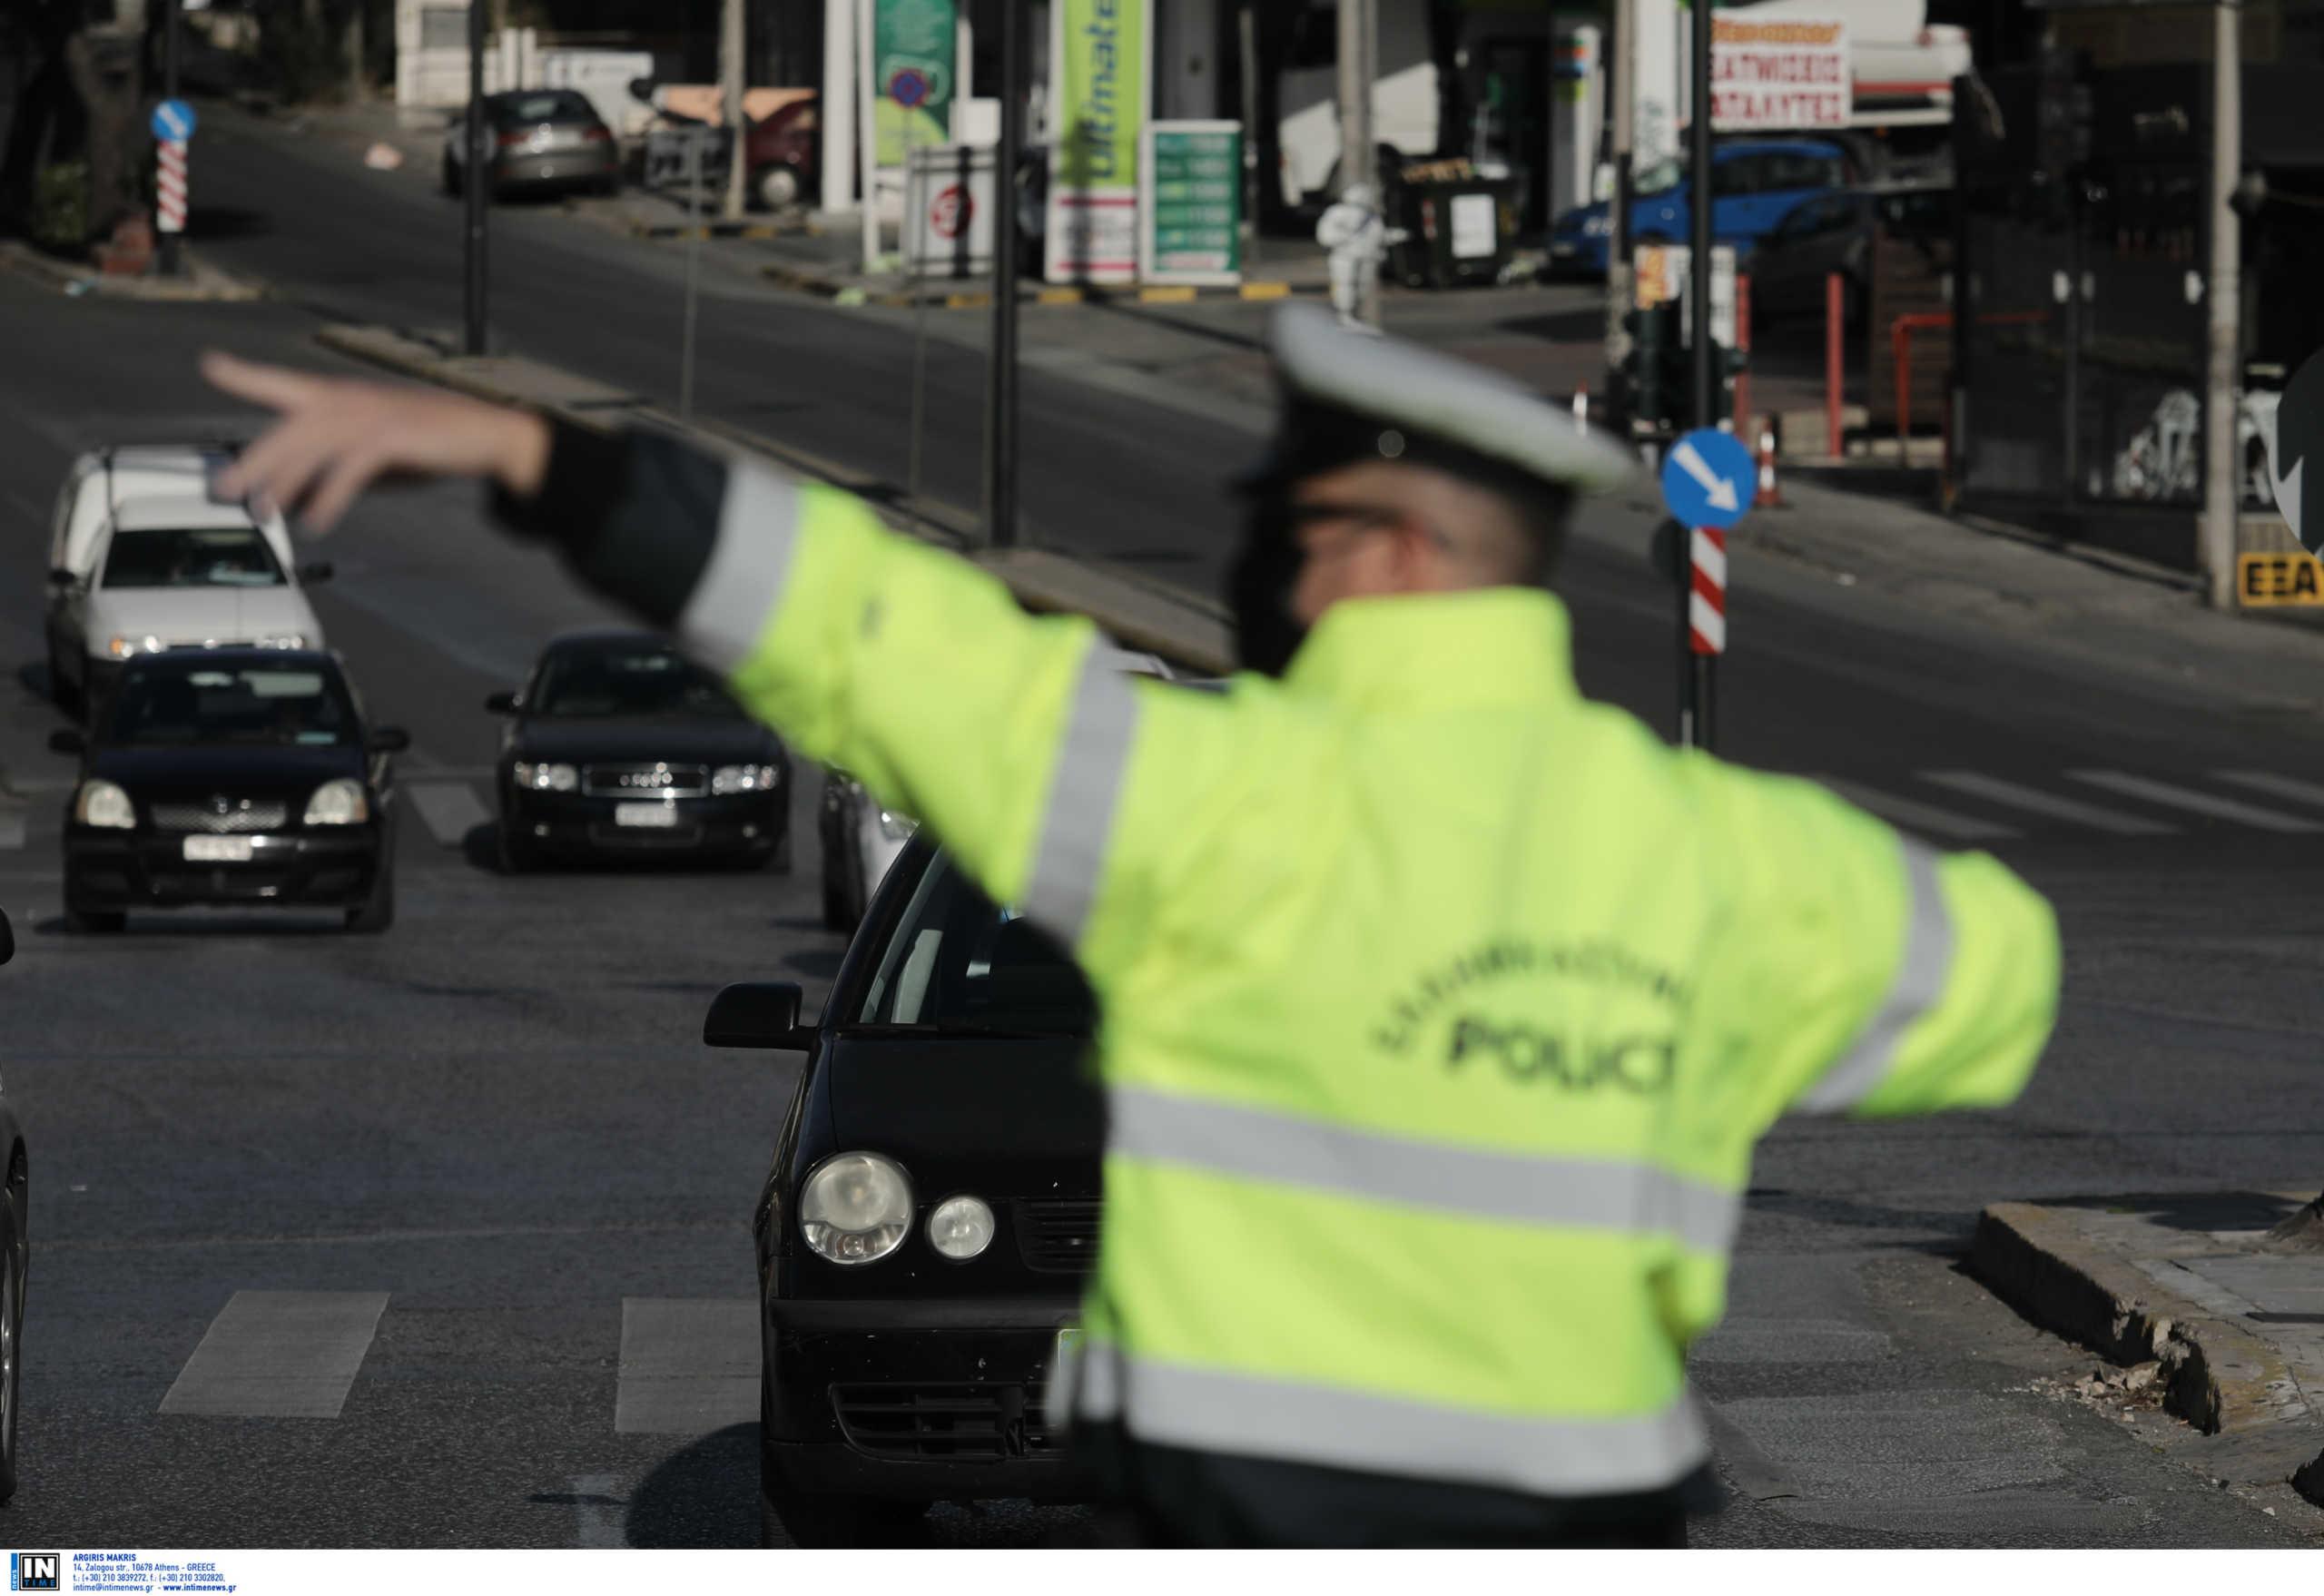 Θεσσαλονίκη: Το μπλόκο για το lockdown αποκάλυψε λαβράκι! Το αυτοκίνητο έκρυβε ένοχα μυστικά